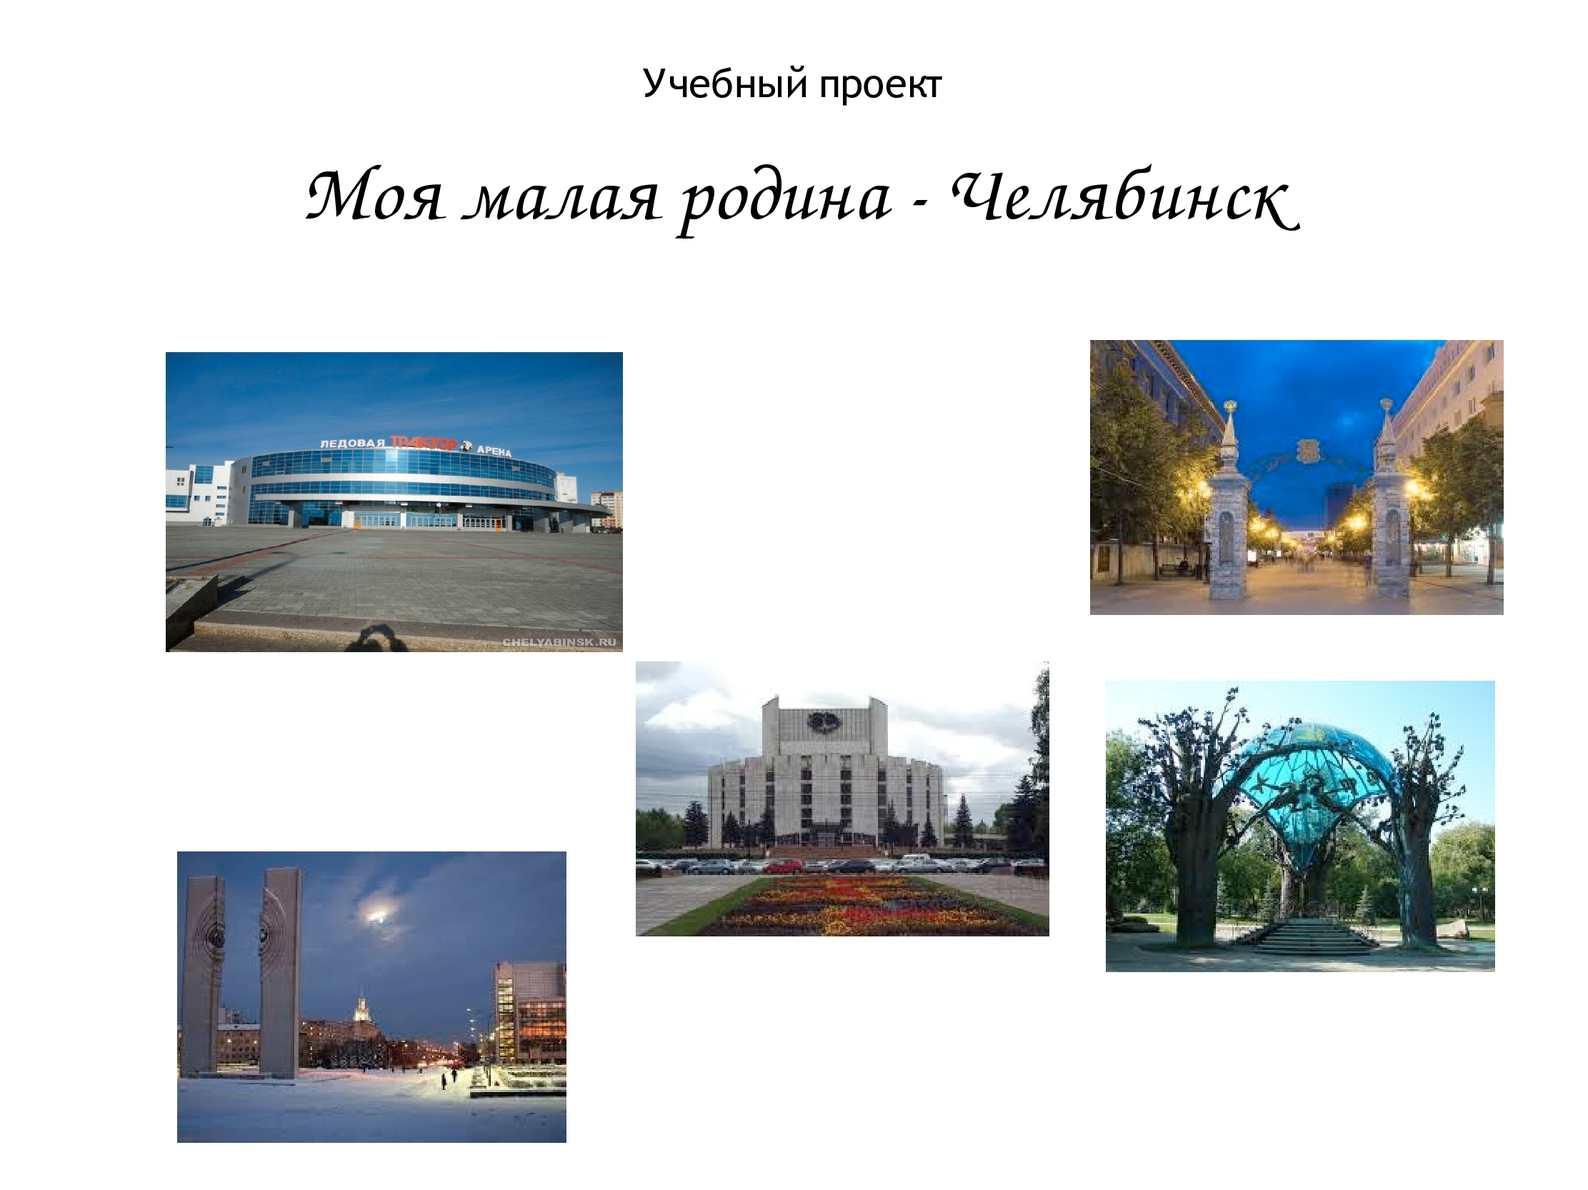 быстро мой родной город челябинск картинки рэп, фото картинки